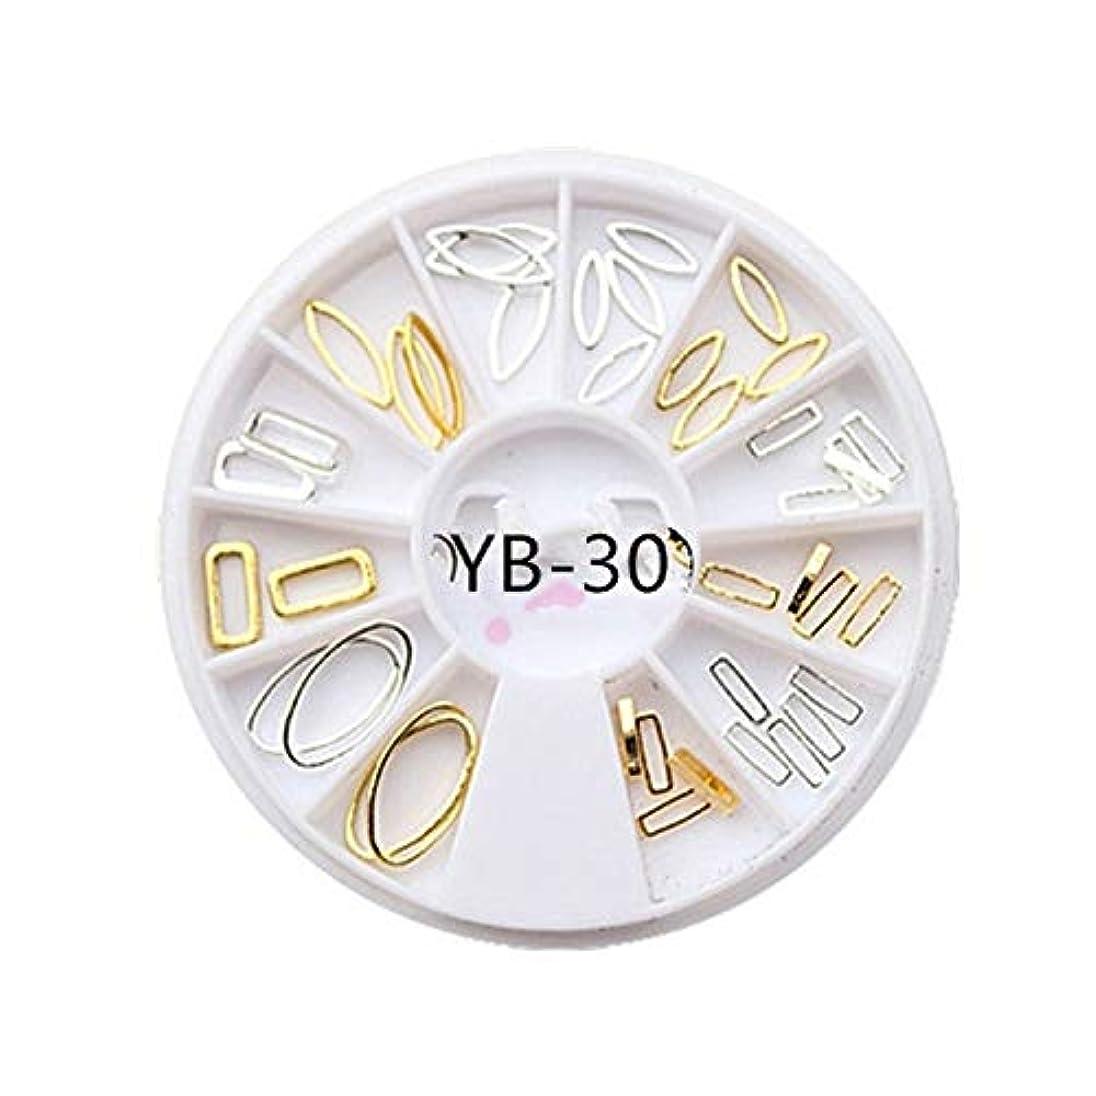 なくなる時計手荷物CELINEZL CELINEZL 3個DIYマニキュアディスクオーナメントアークメタルリング不規則フレーム中空馬の目のリベット光線療法ネイルデコレーション(YB-27) (色 : YB-30)